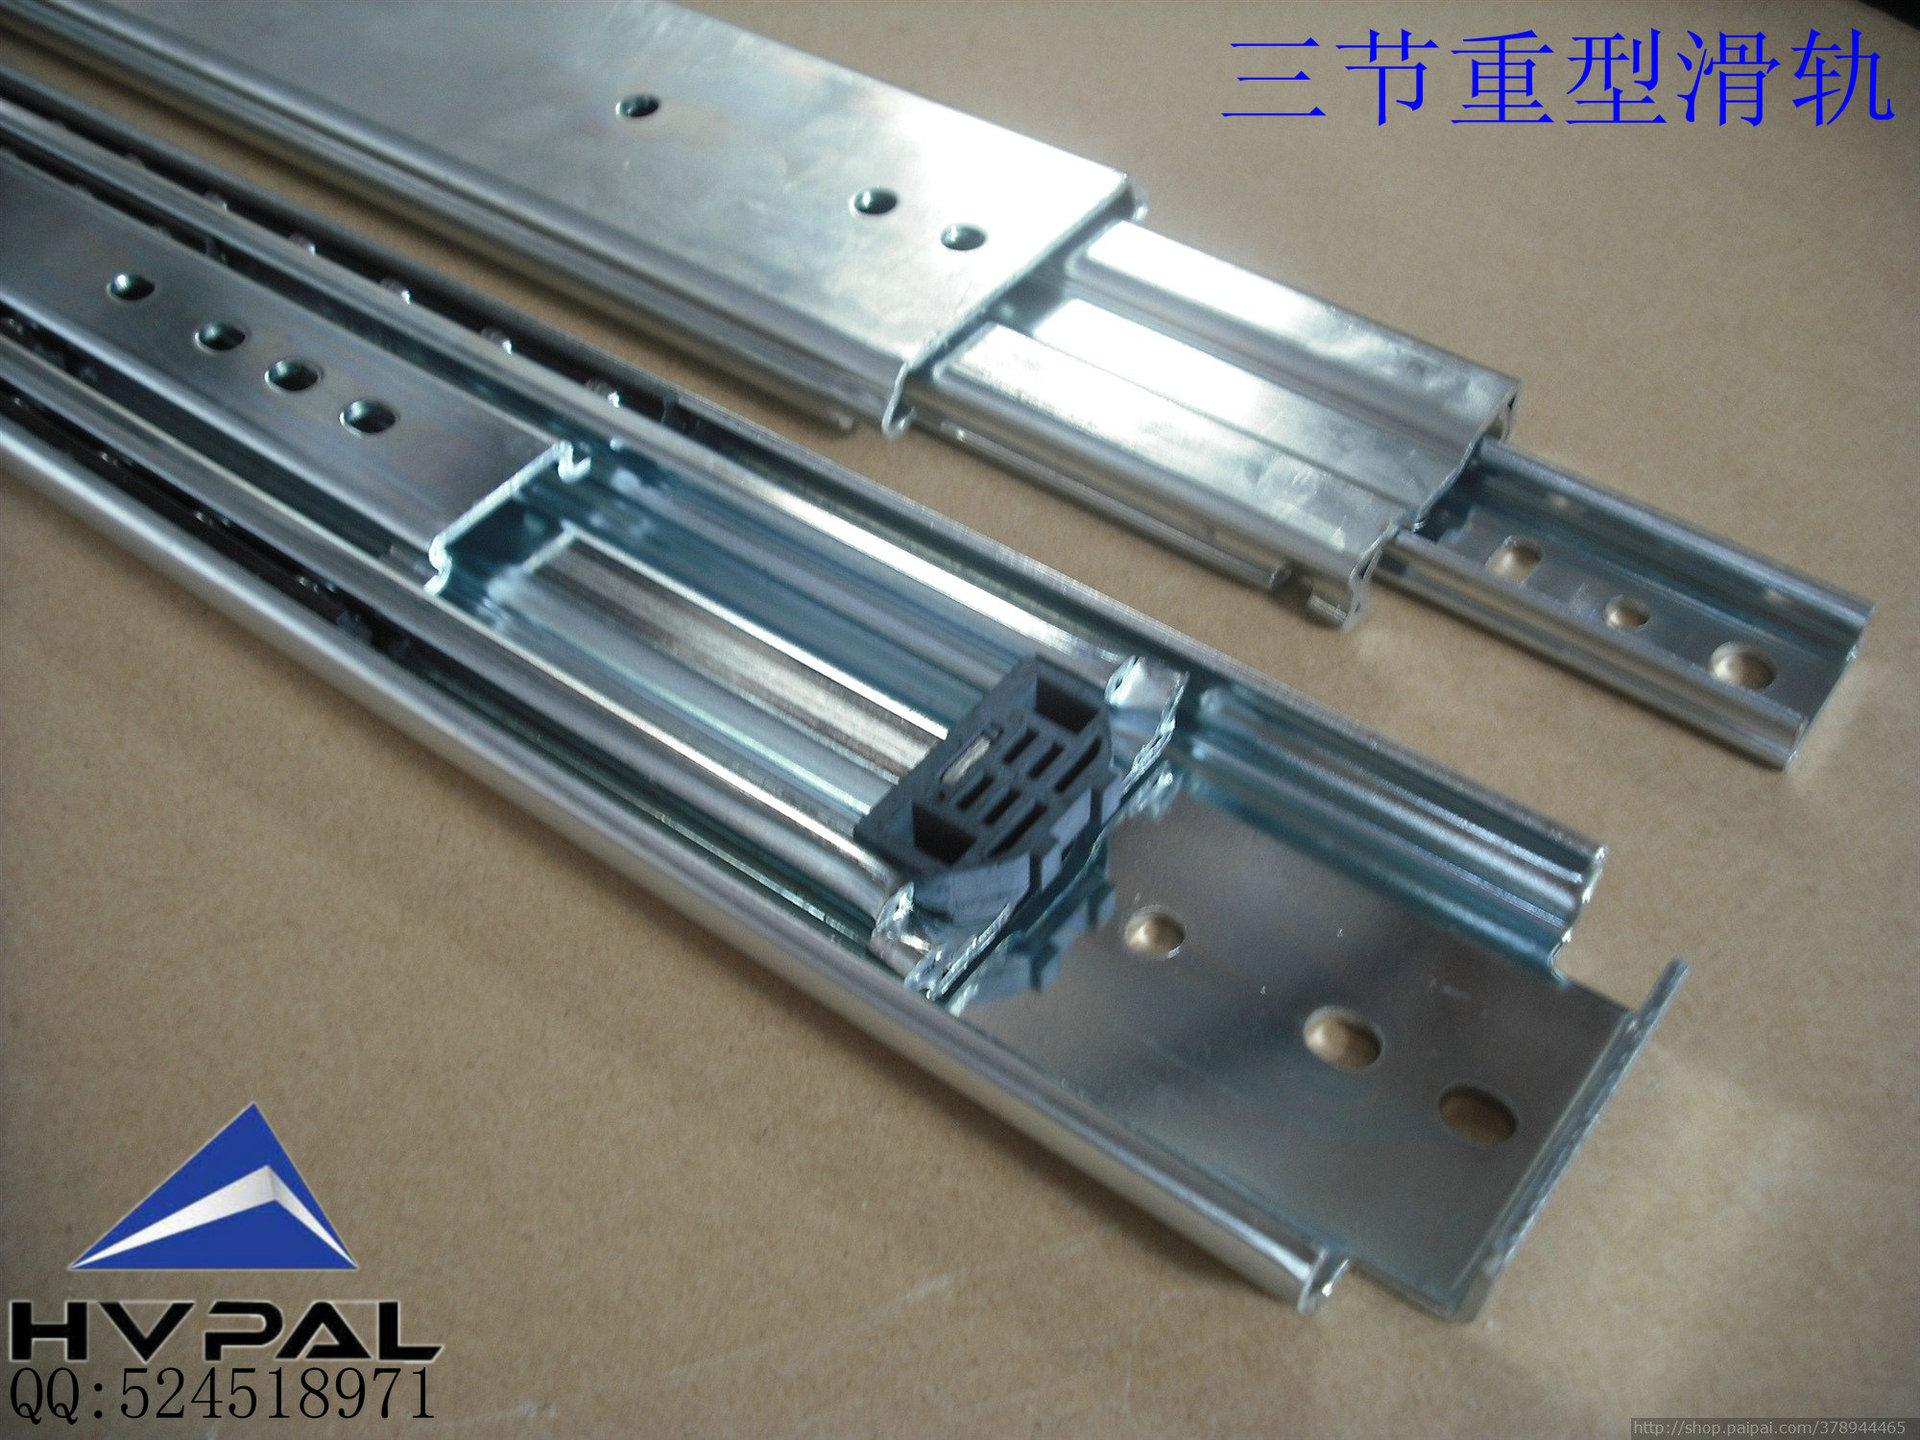 专业生产加长加重三节钢珠滑轨工业重型滑轨图片